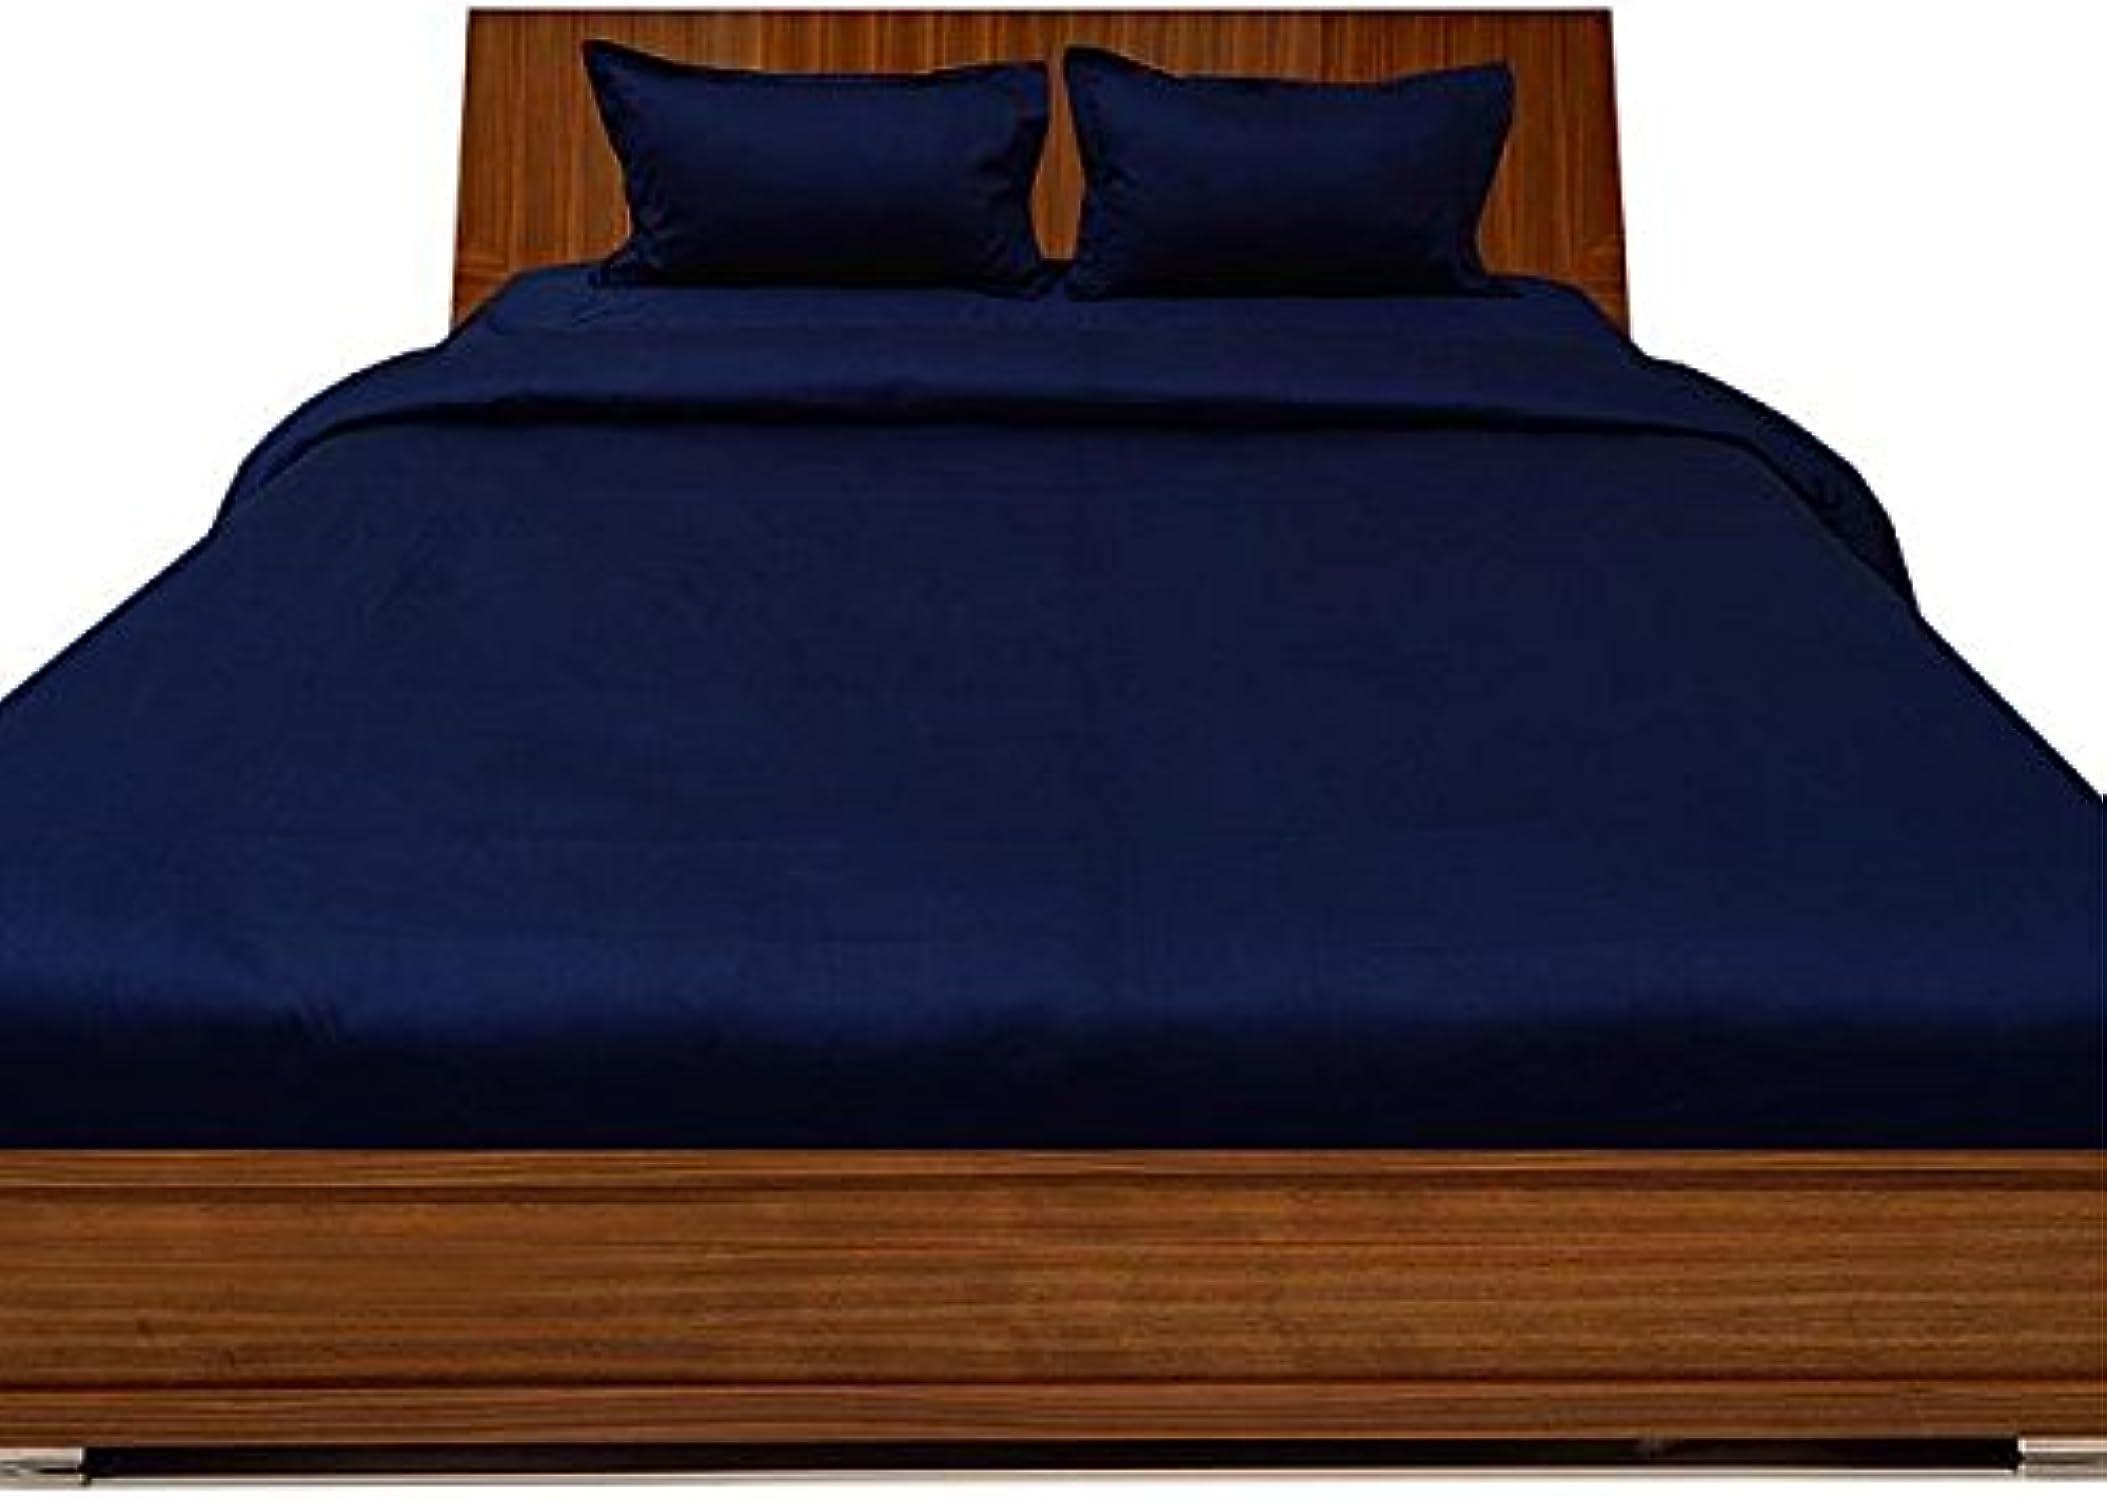 Parure de lit en Coton égypcravaten 650Fils 45,7cm Poche Profonde de Feuille avec Une extrême Taie d'oreiller UK Super King Nevy Solide 100% Coton Bleu 650tc